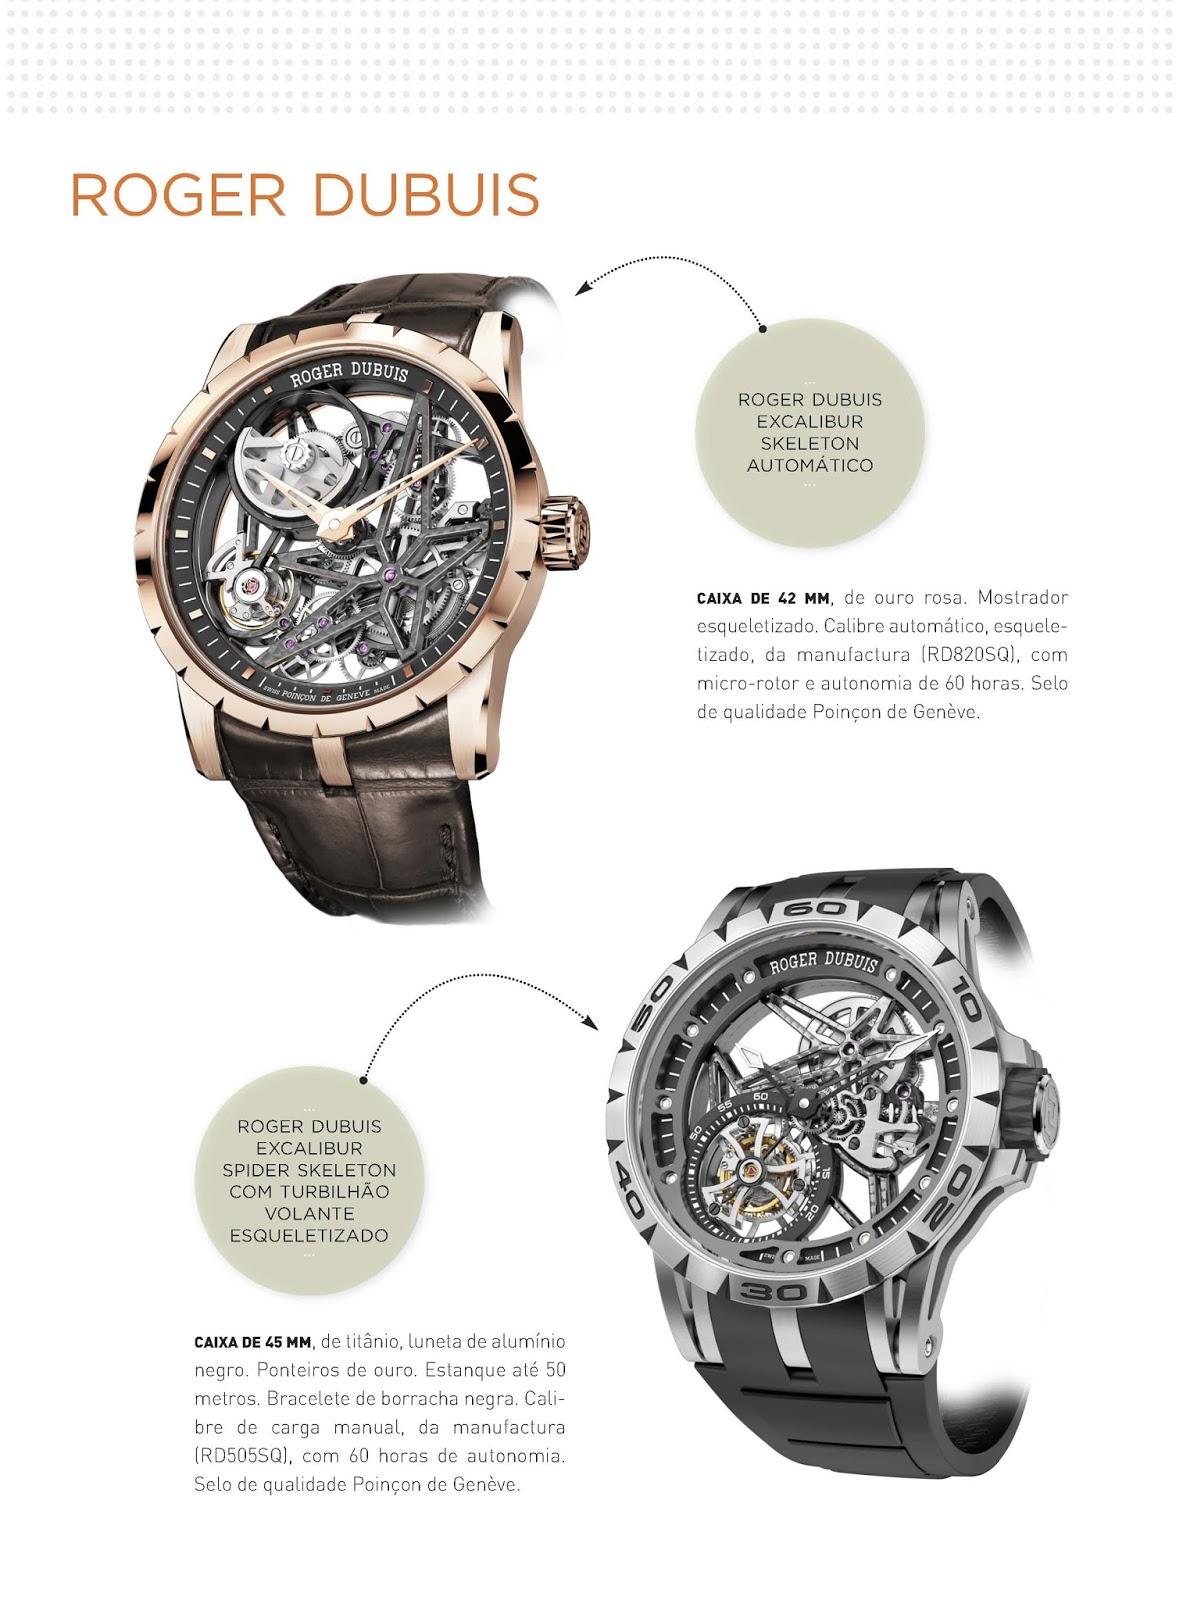 c92d46049e7 Relógios   Canetas online - relógios Roger Dubuis Excalibur Skeleton  Automático